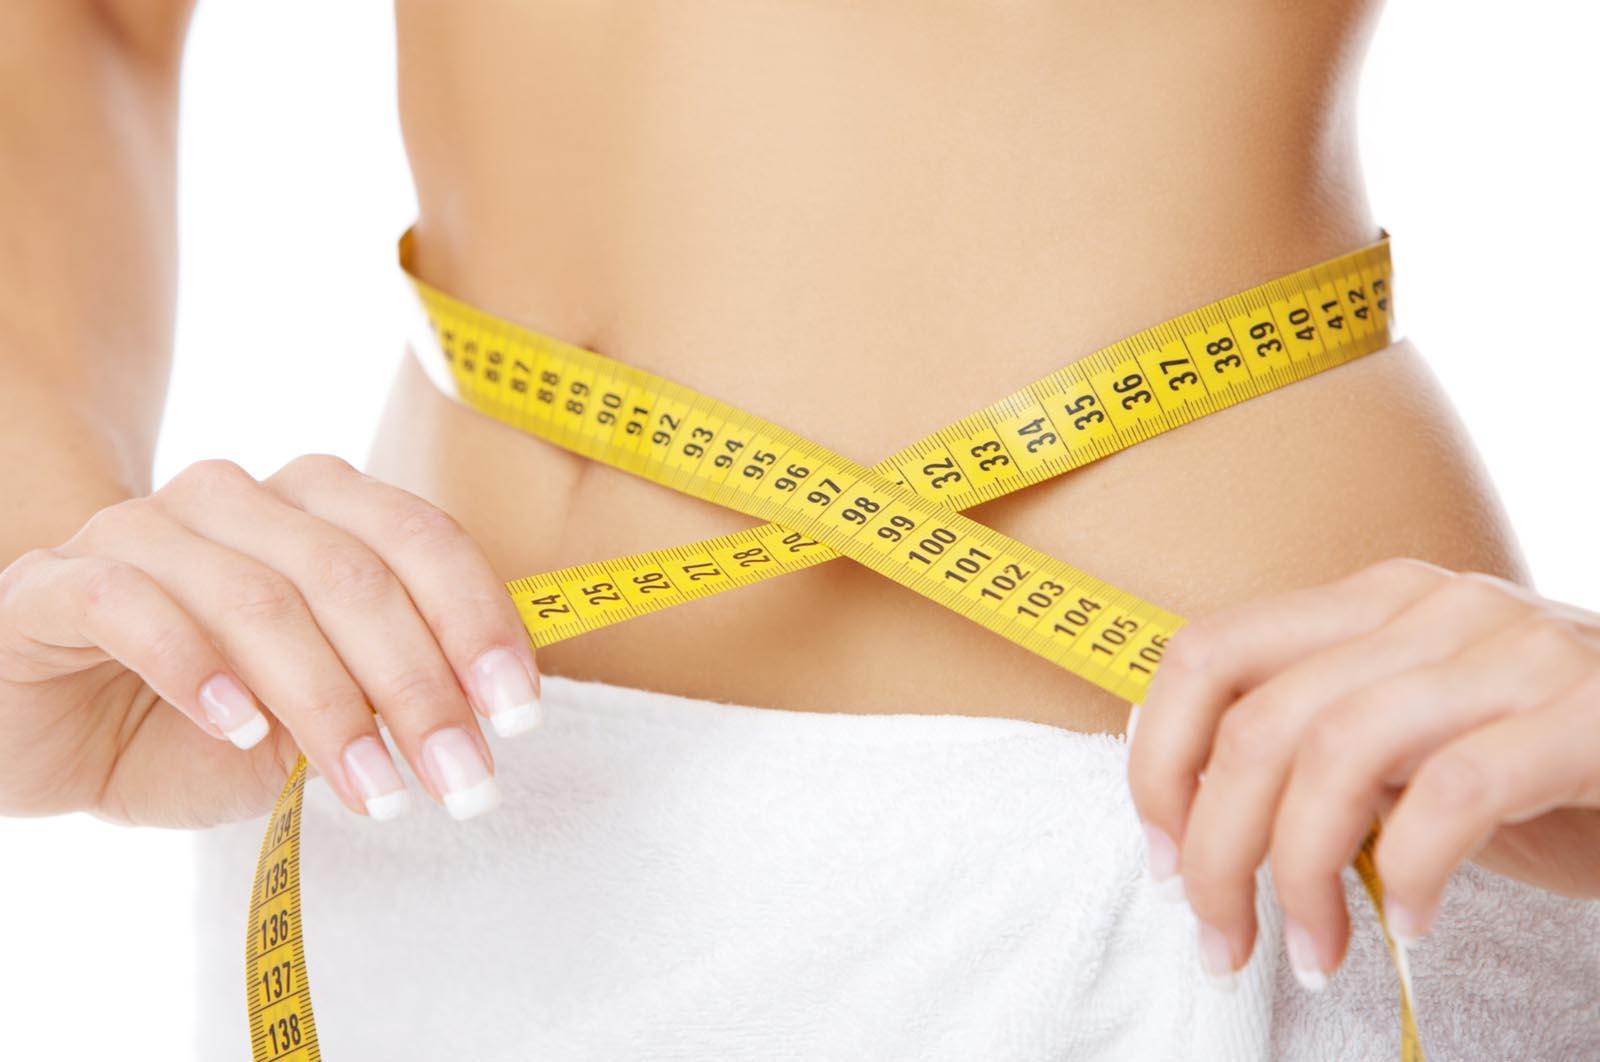 Resultado de imagem para dormir mal aumenta até 3 cm na cintura